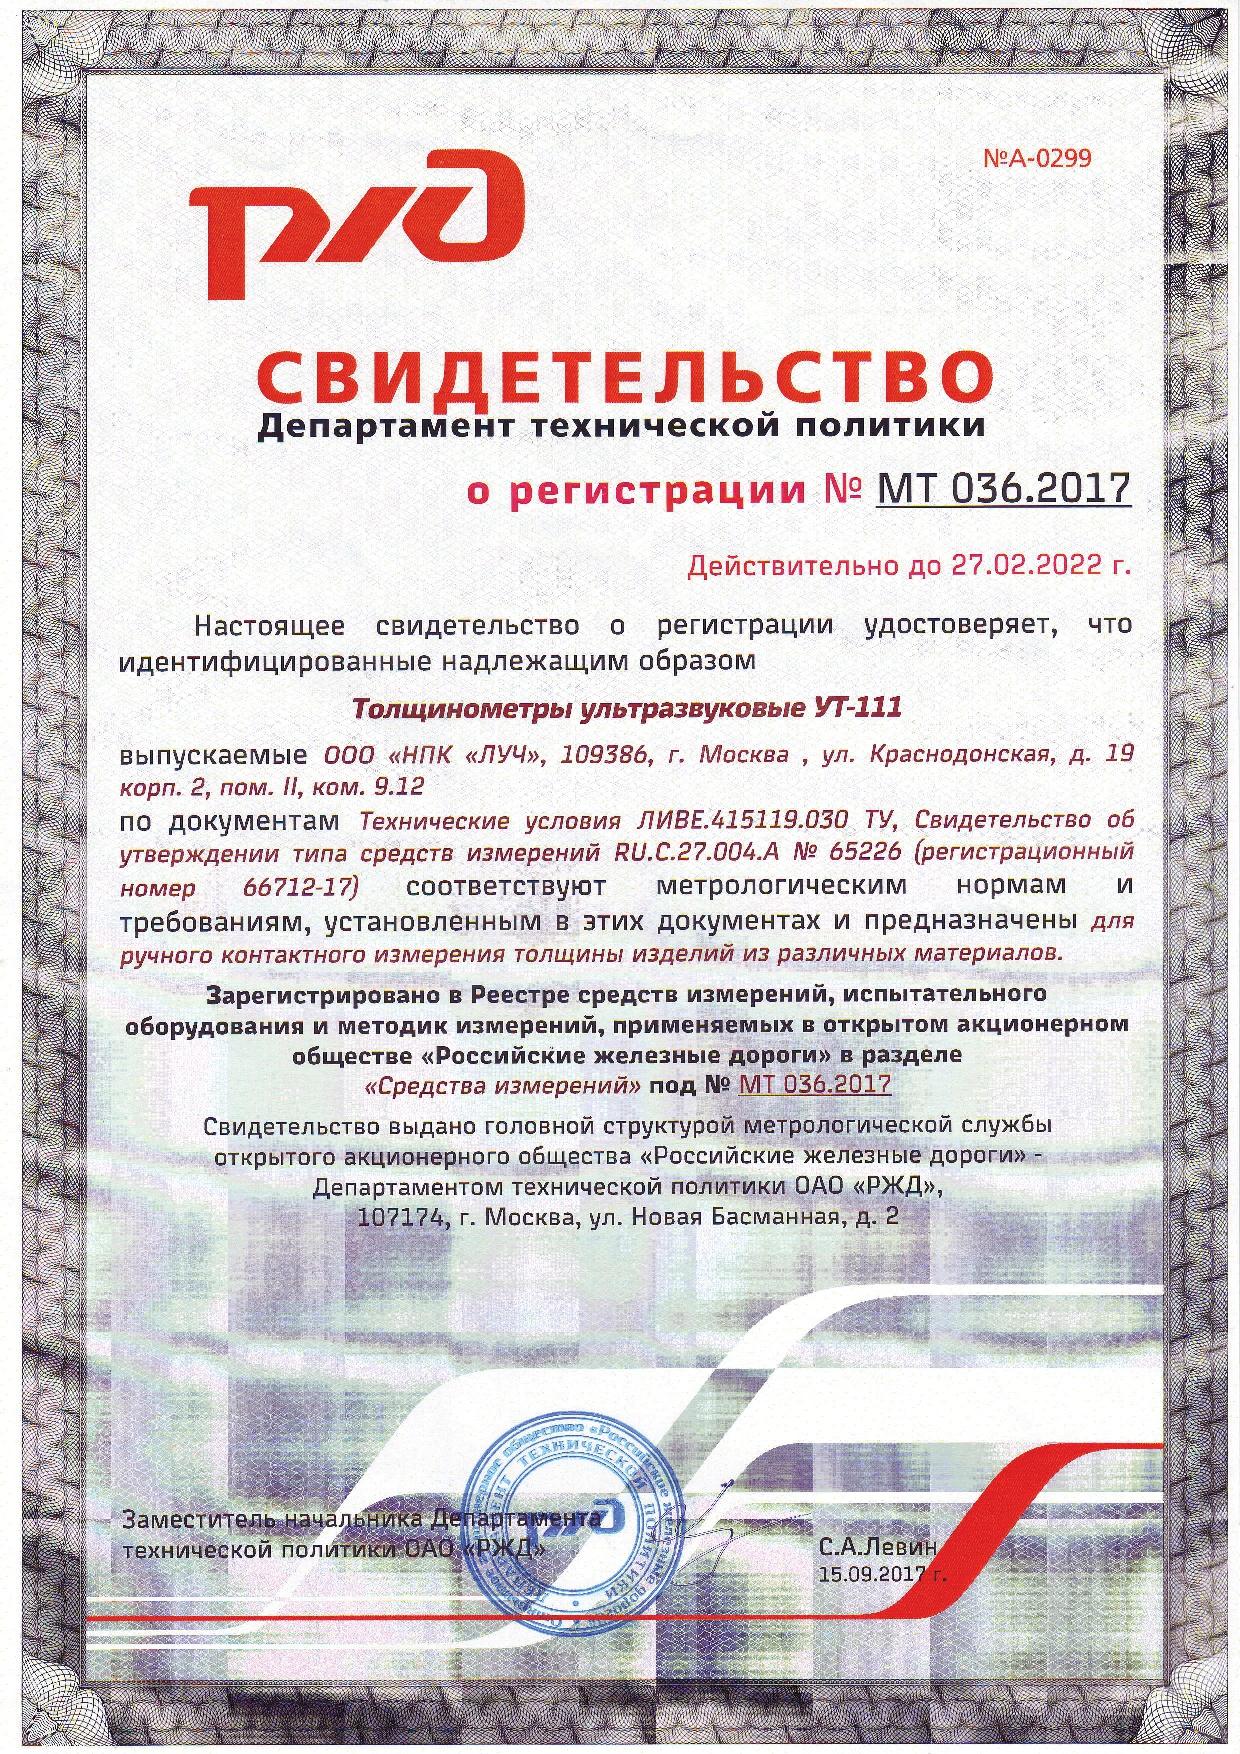 Свидетельство о регистрации РЖД на ультразвуковой толщиномер УТ-111